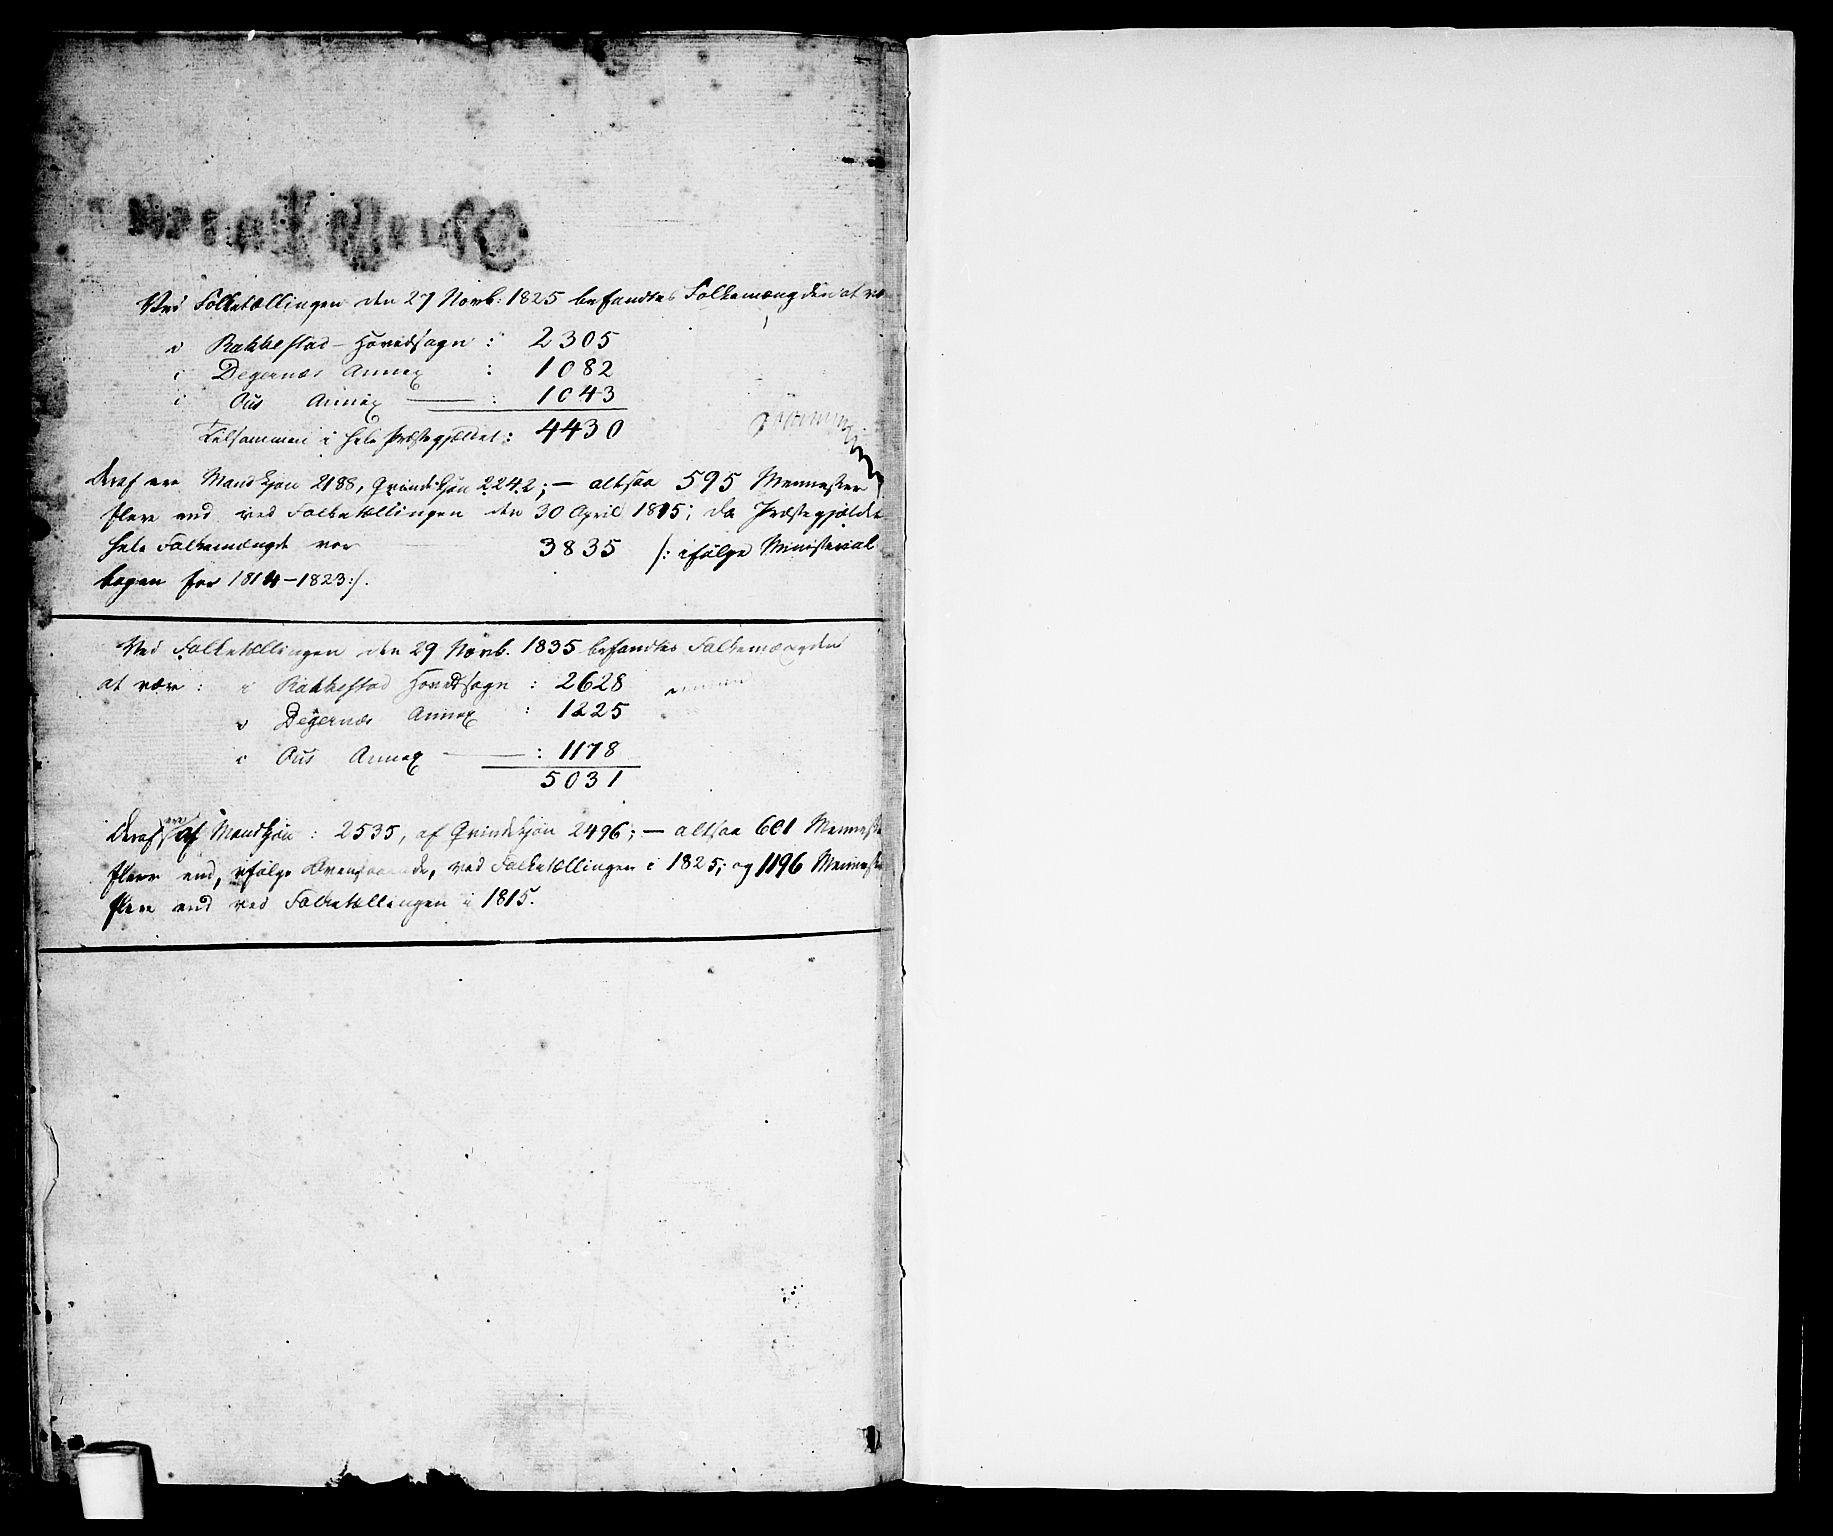 SAO, Rakkestad prestekontor Kirkebøker, F/Fa/L0007: Parish register (official) no. I 7, 1825-1841